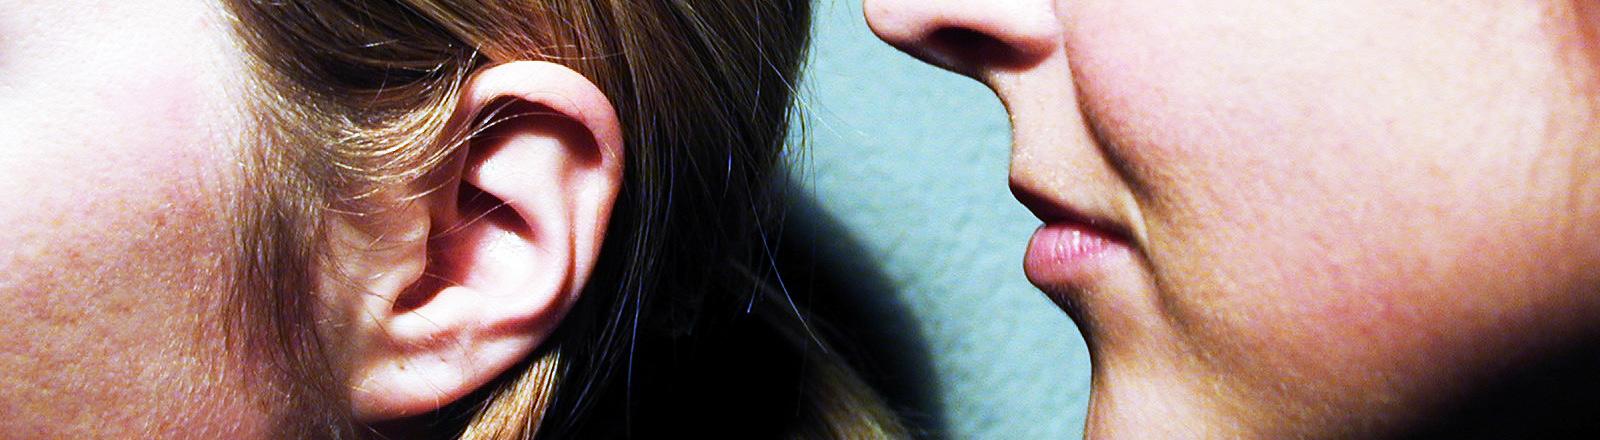 Eine Frau ist kurz davor einer anderen ins Ohr zu flüstern.